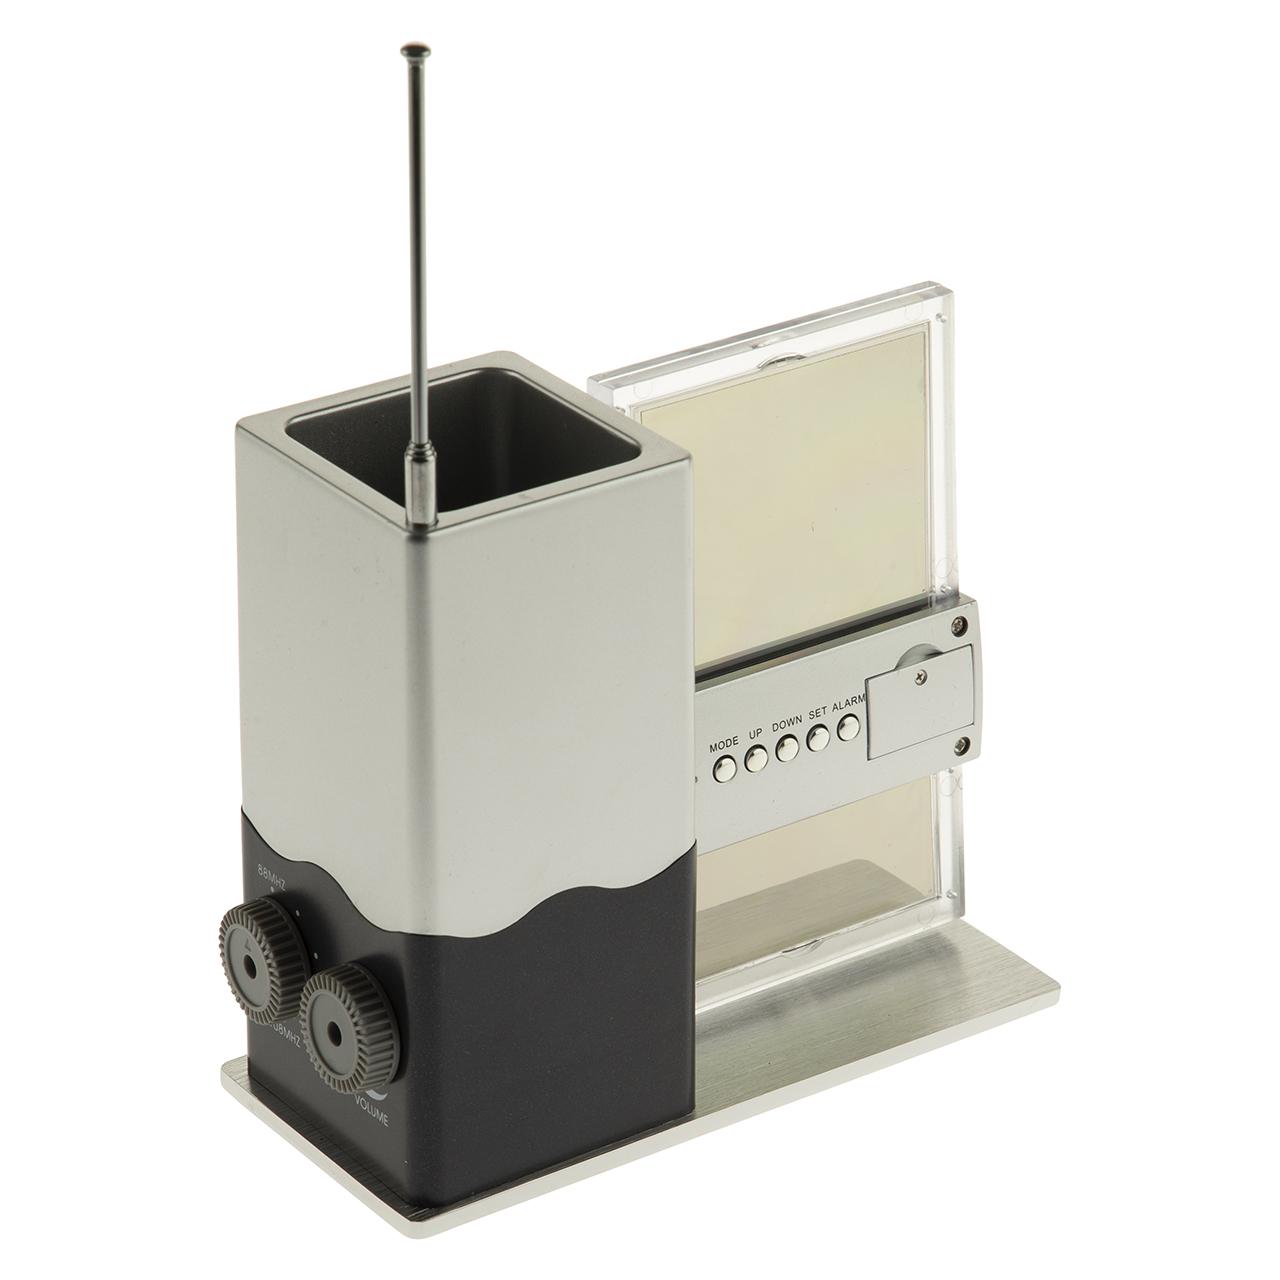 ساعت رومیزی مدل 700